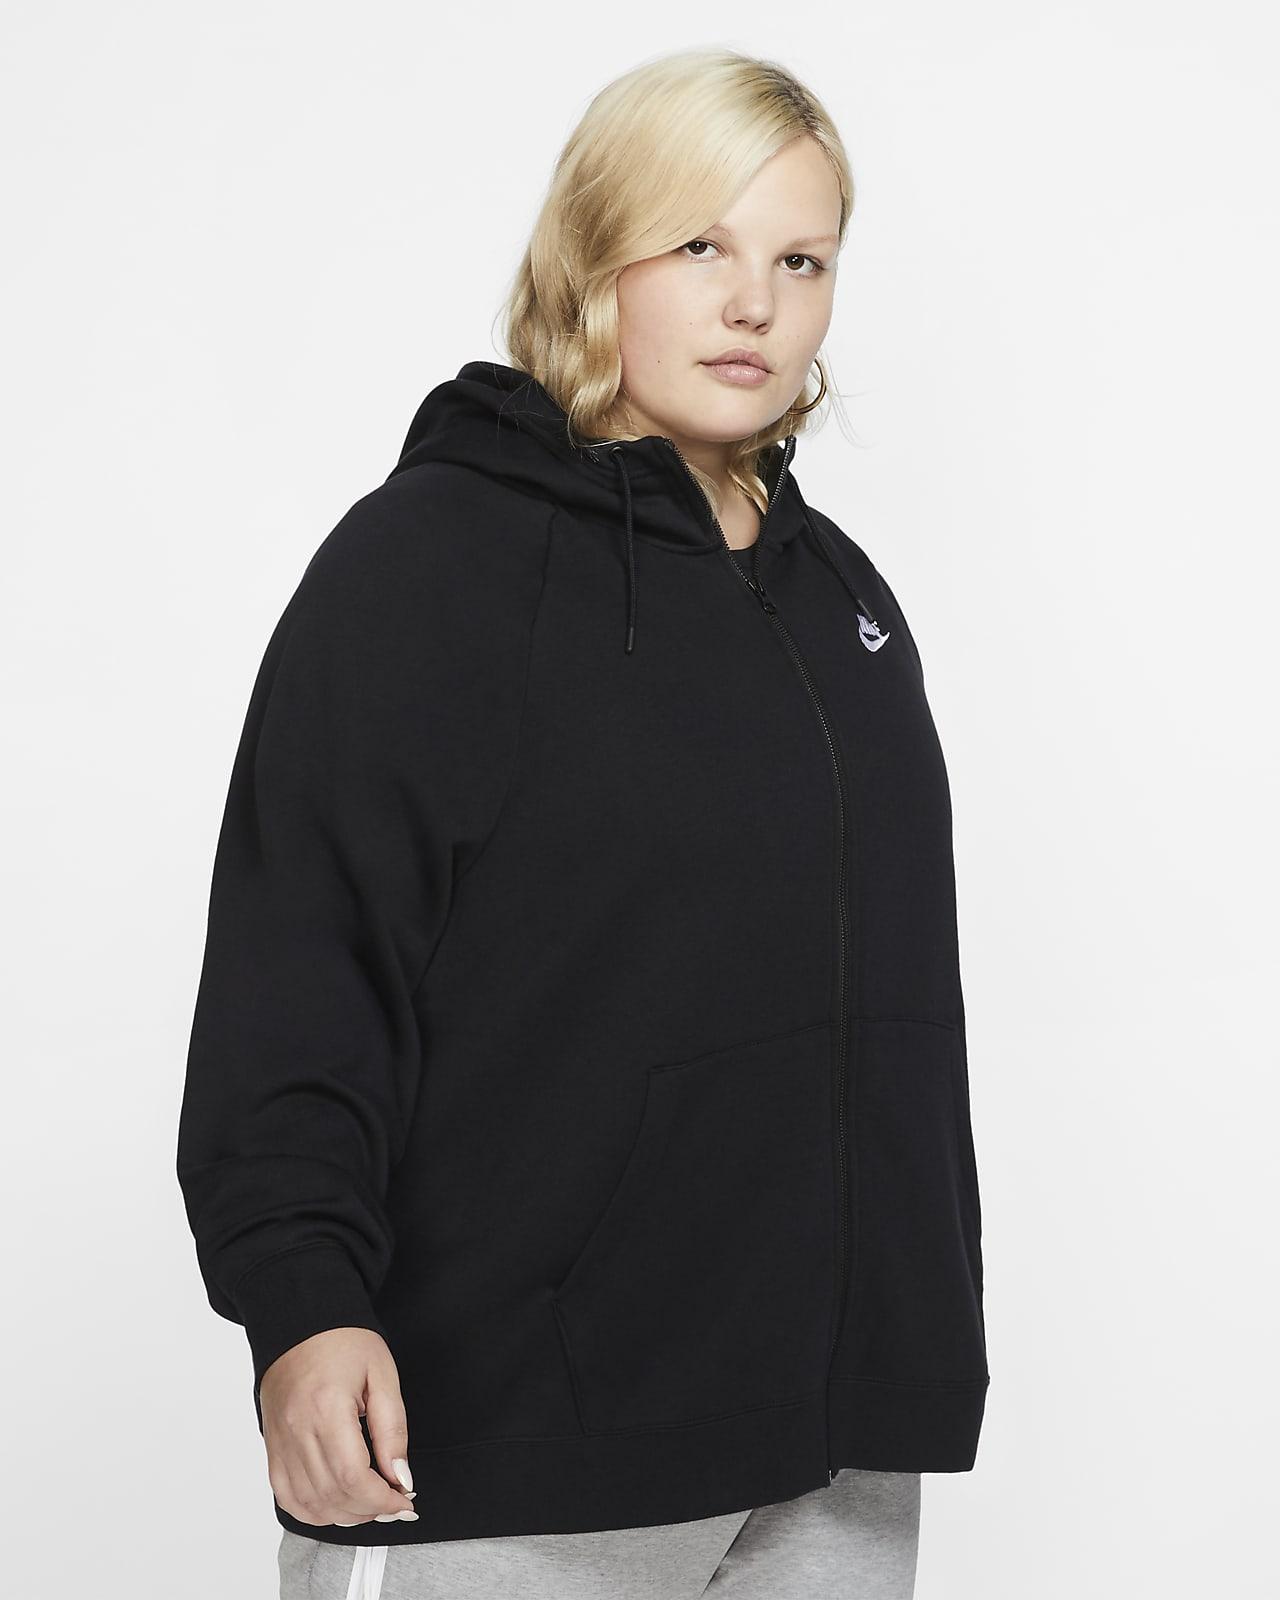 Nike Sportswear Essential (Plus size) Women's Full-Zip Hoodie